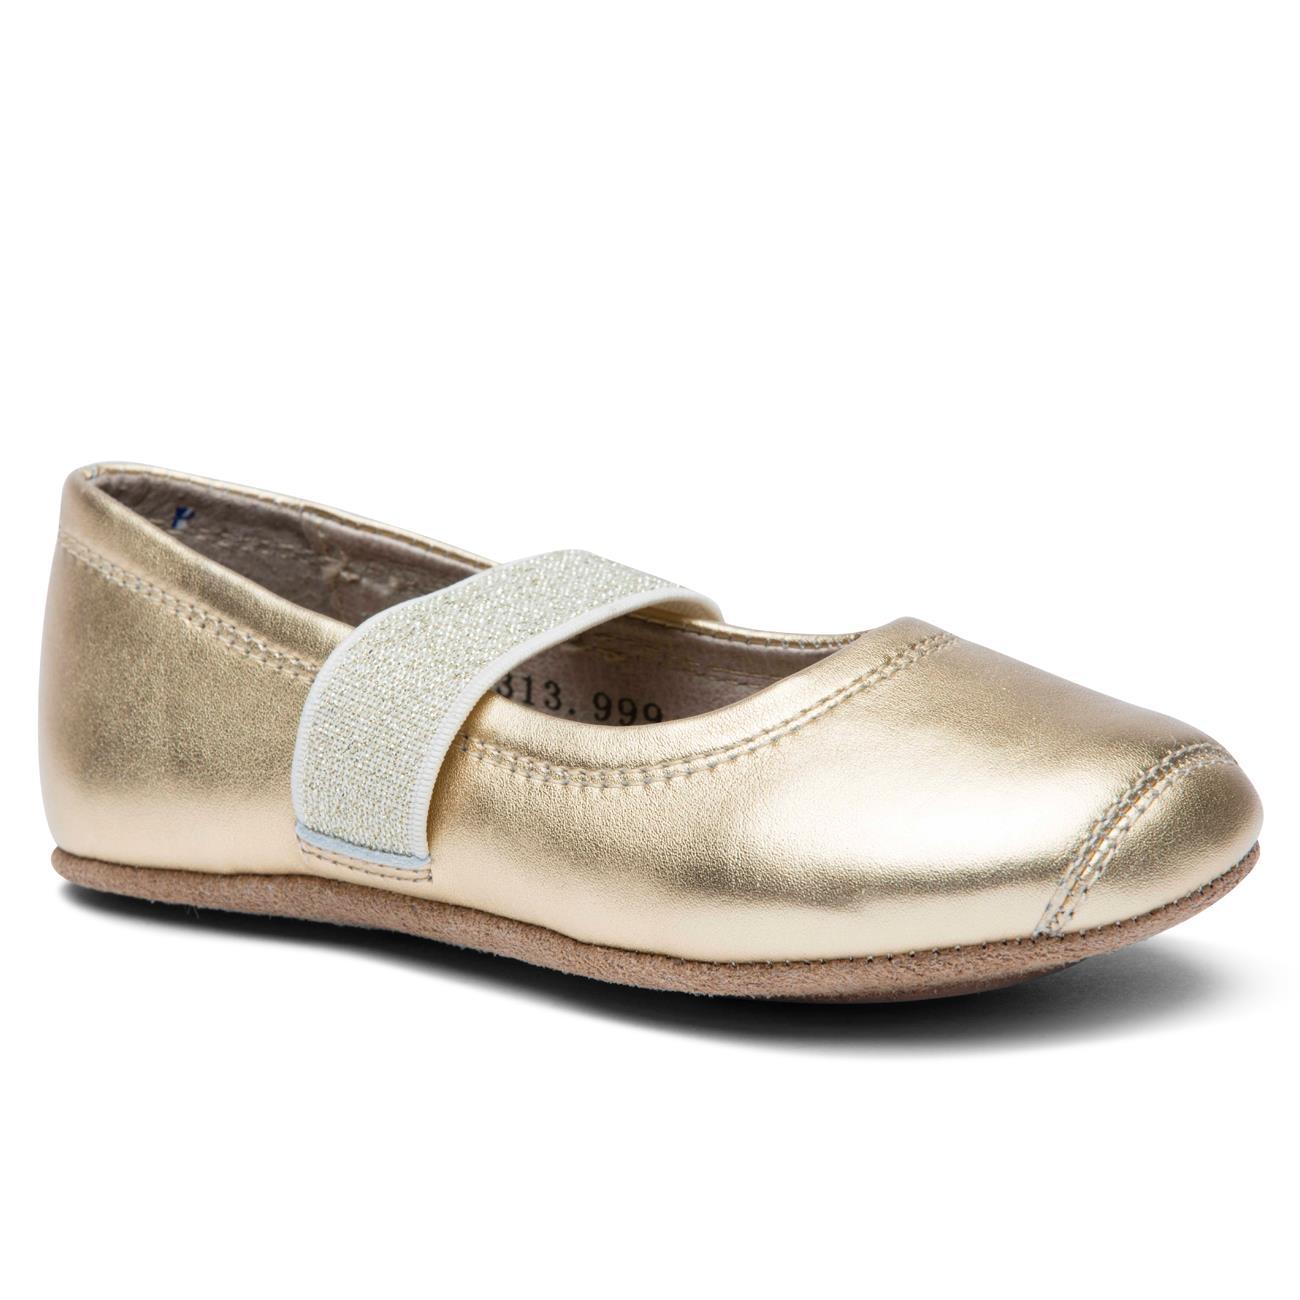 906690d0fec Bisgaard - Online udvalg af sko, sandaler og støvler til børn fra ...